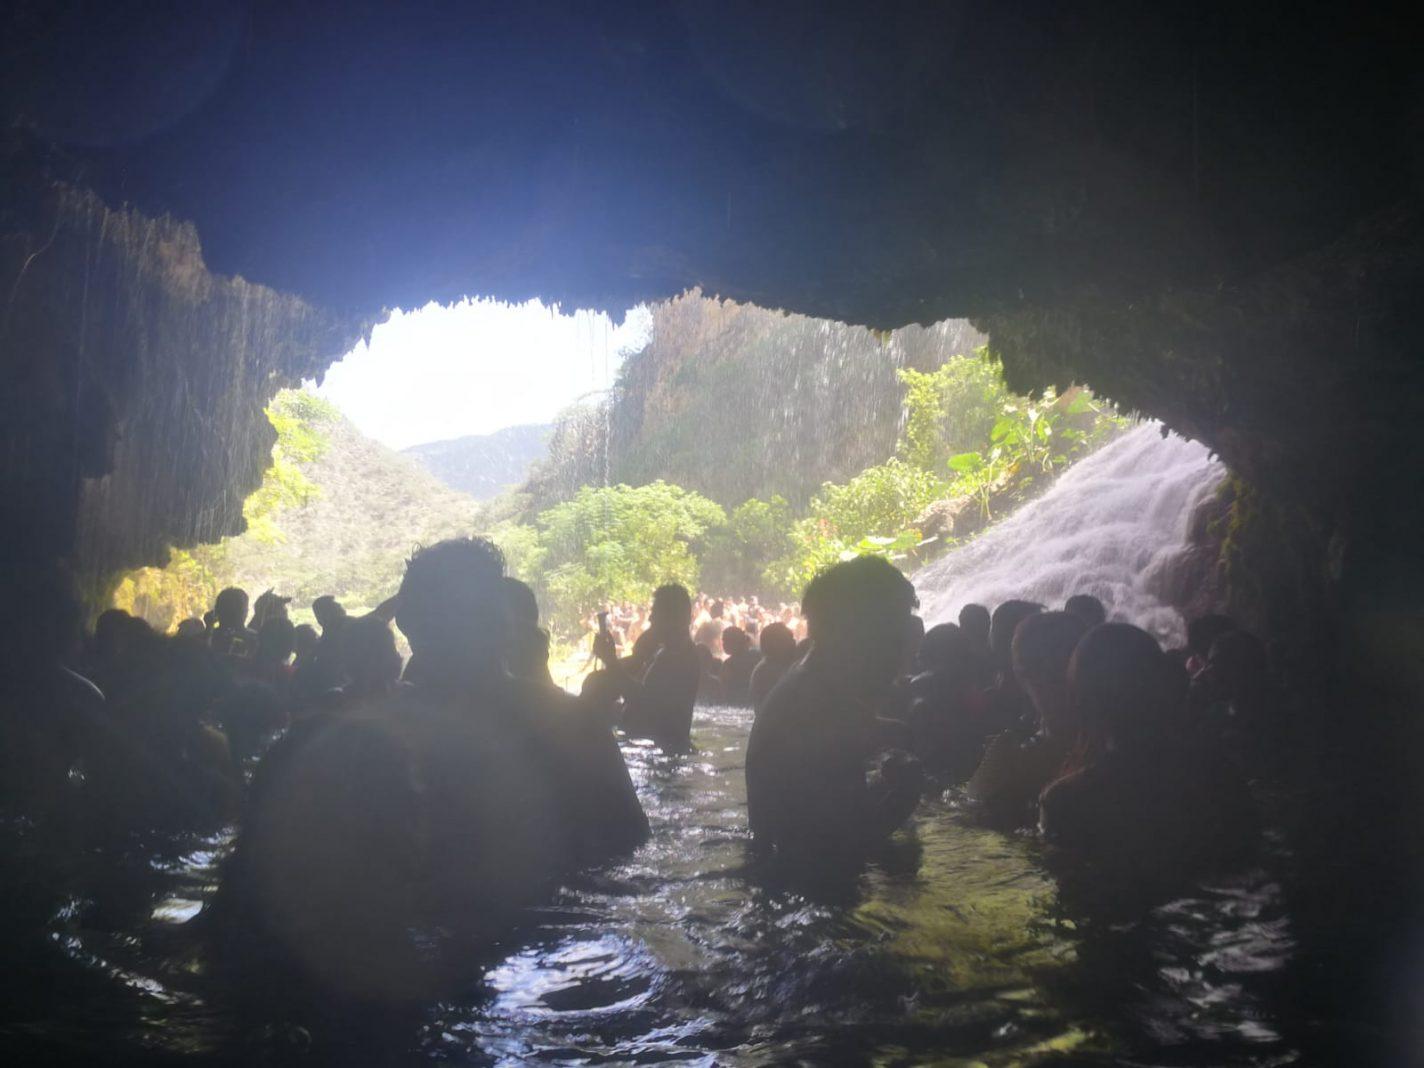 Bezoek aan de grot - Tolantongo in Mexico